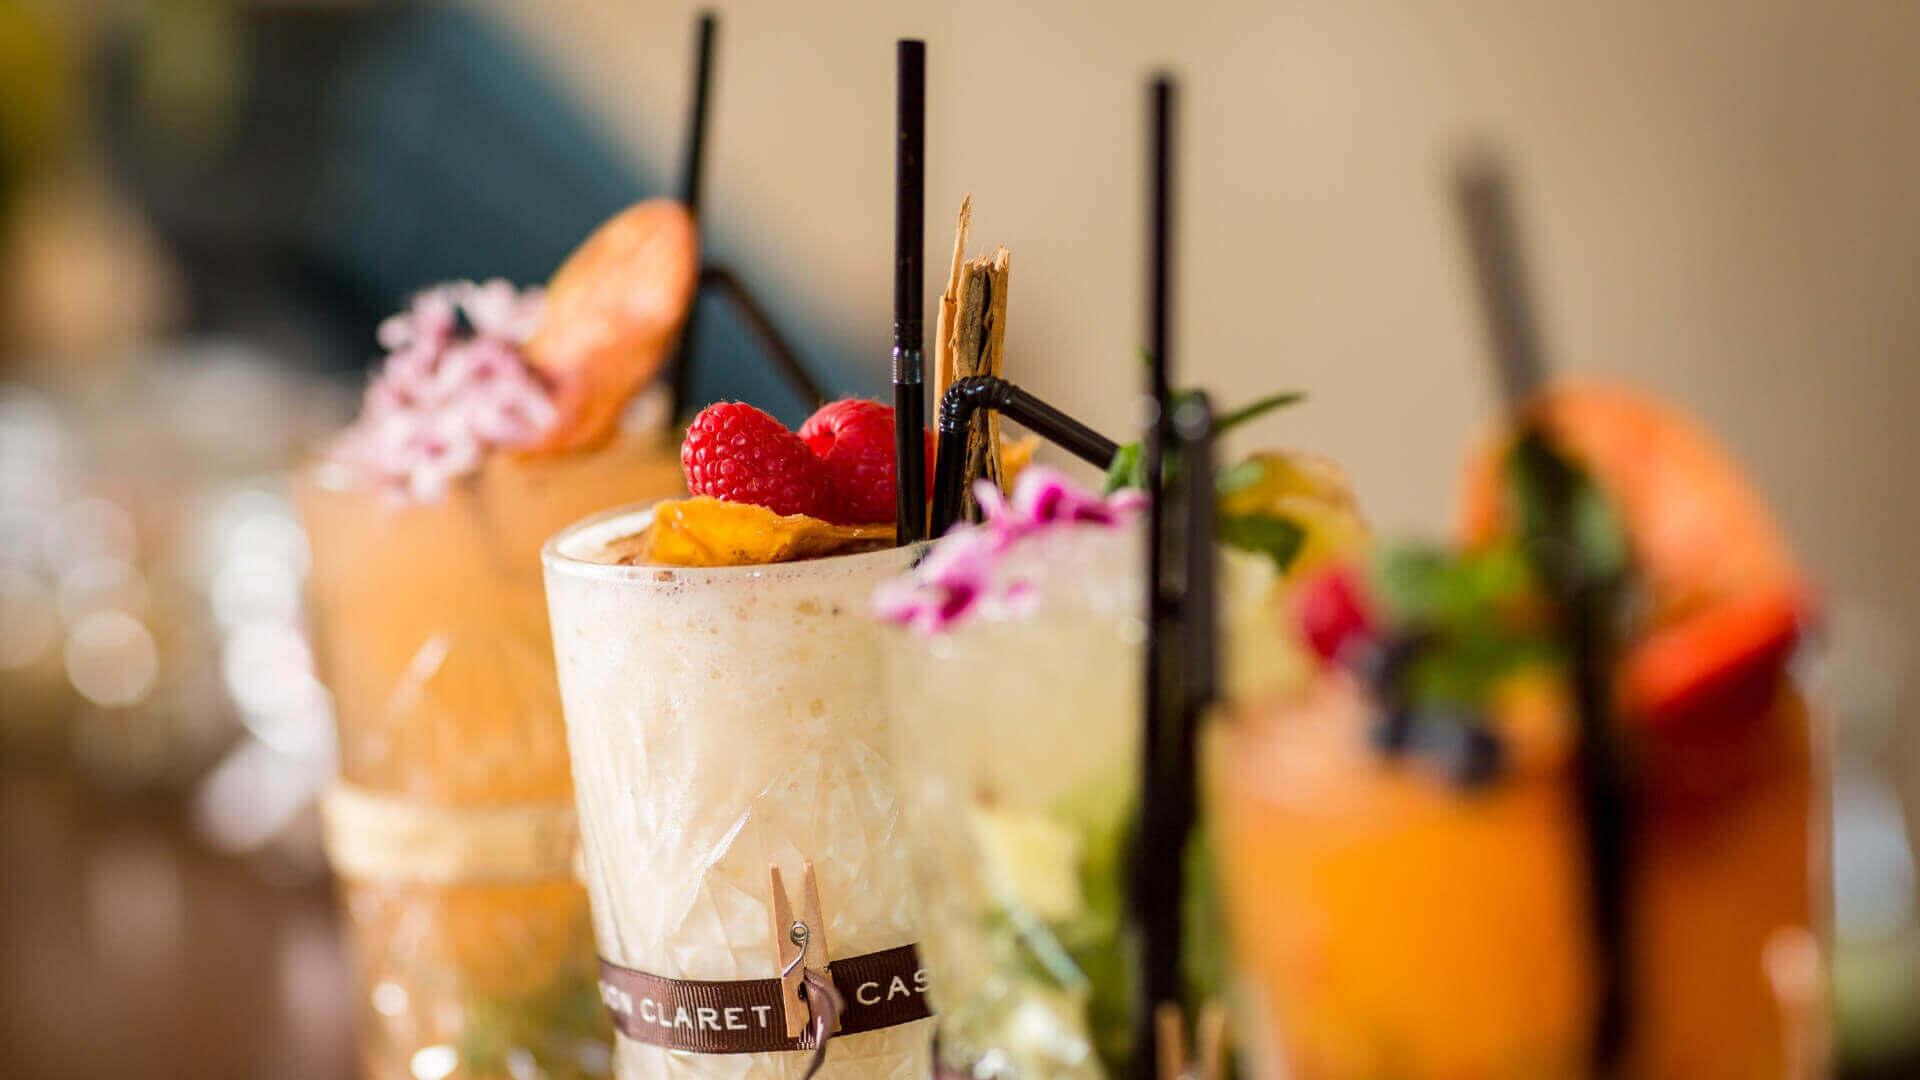 An der Bar im Castell Son Claret gibt es vier verschiedene Cocktails, die jeweils bunt dekoriert und auf einer Holzscheibe serviert werden.